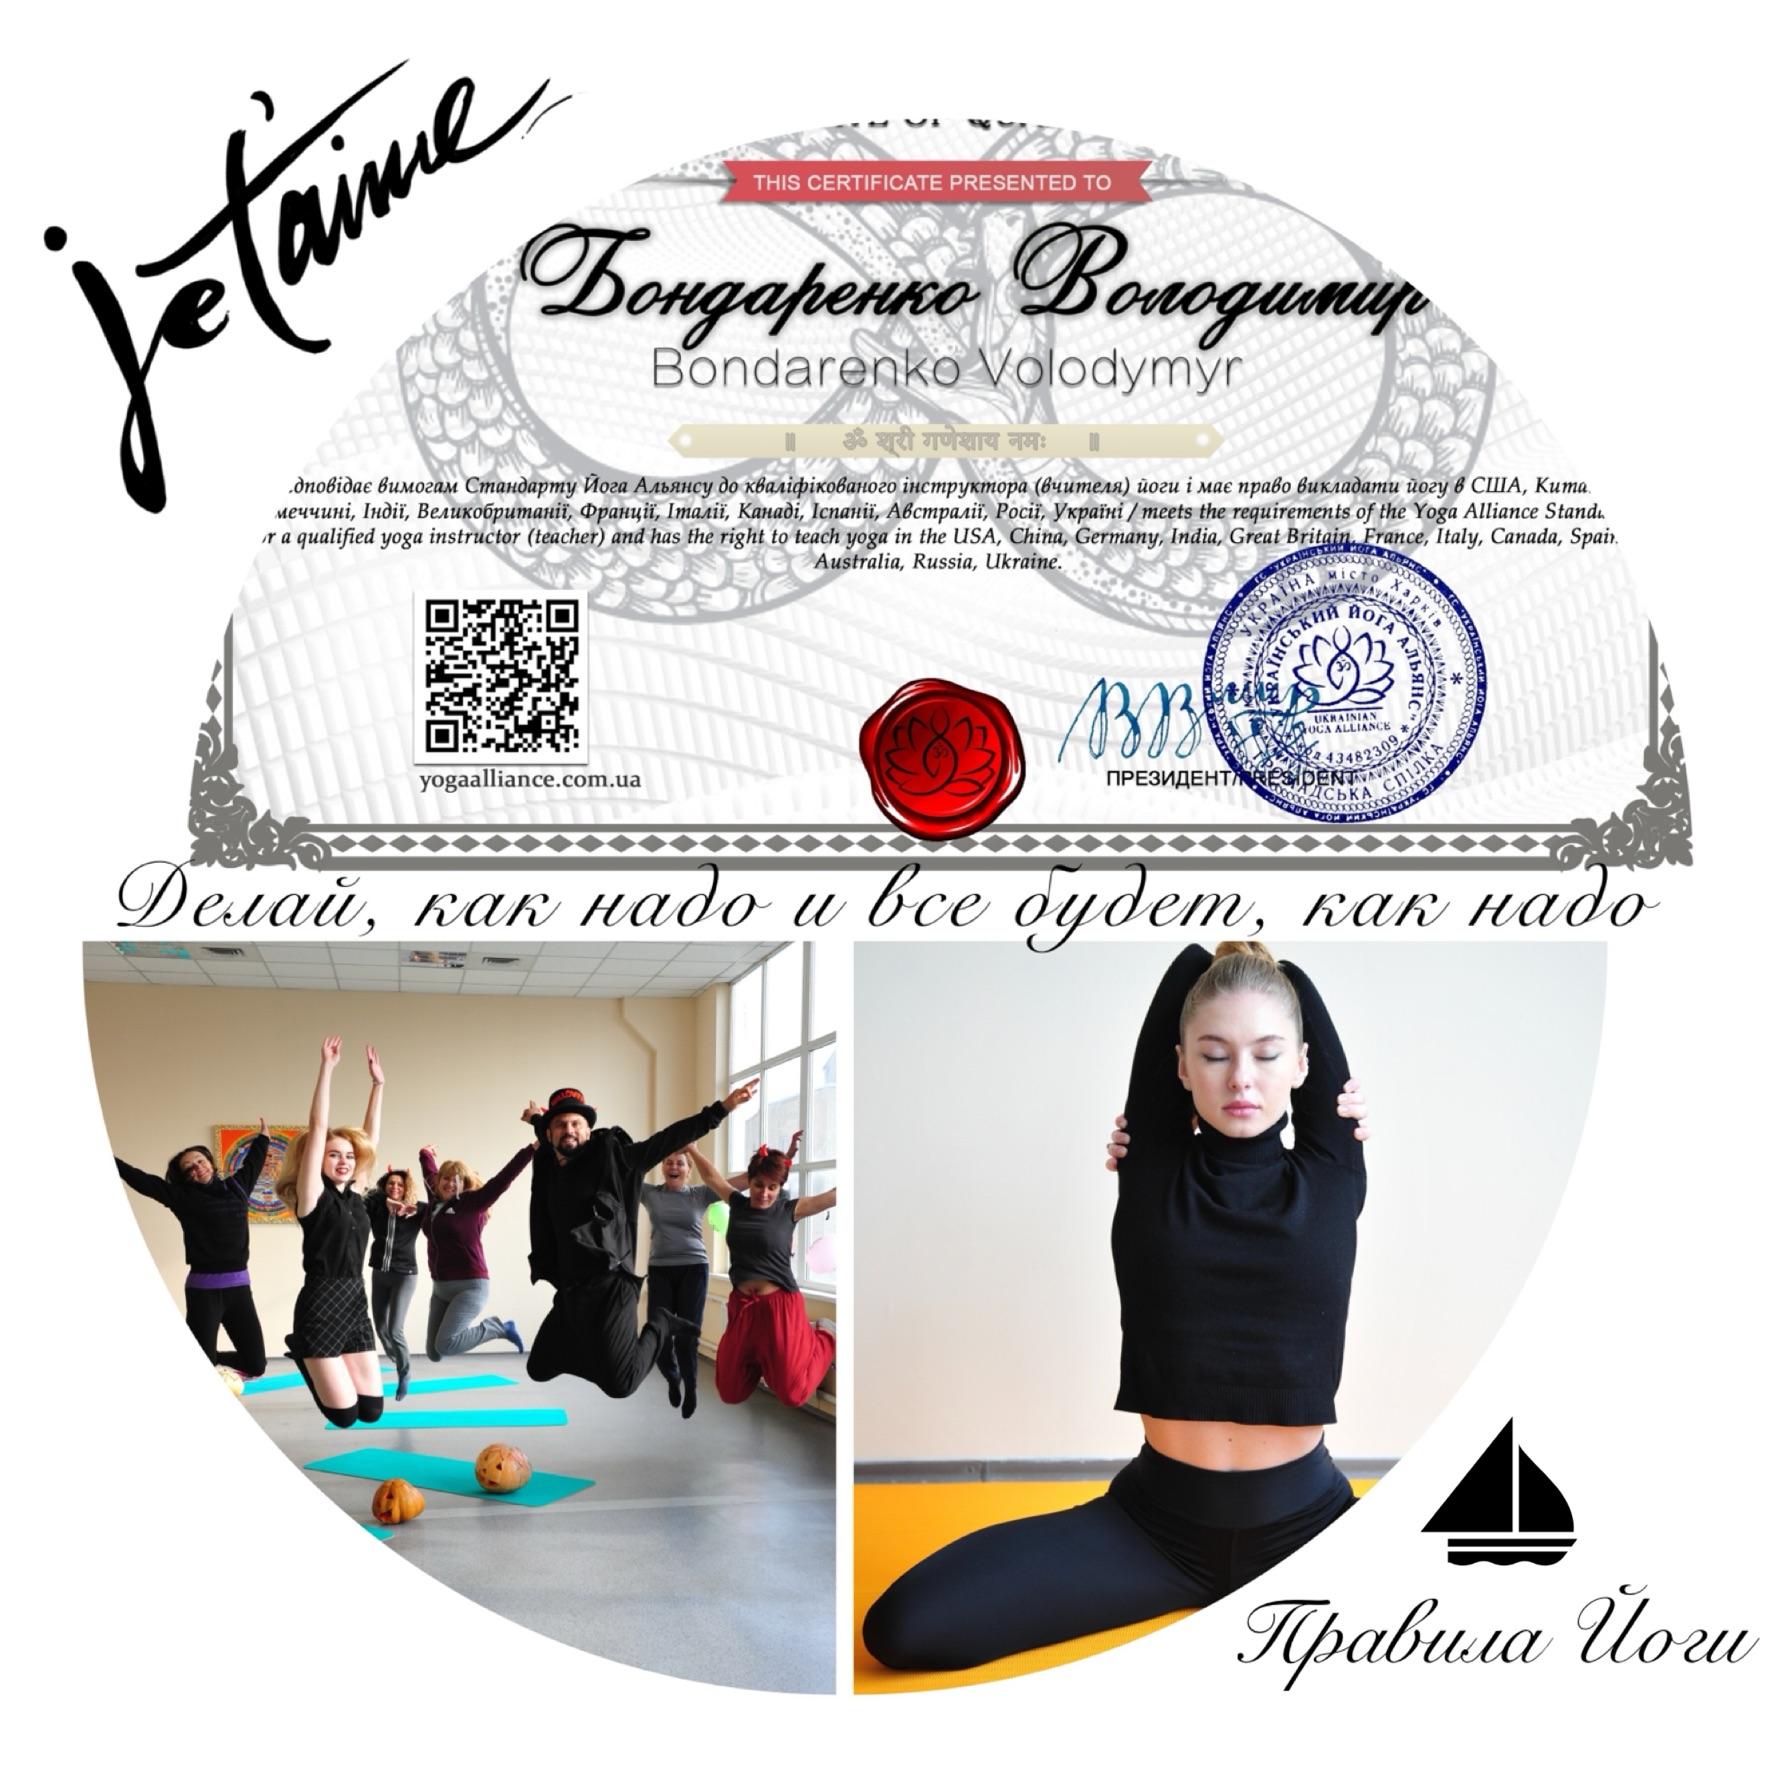 Приглашаем Вас на наш Преподавательский курс по Йоге с выдачей Международного сертификата Йога Альянса в Харькове. Более подробно о курсе Школы Йога Альянса можно прочитать в разделе Учительский курс на нашем сайте.